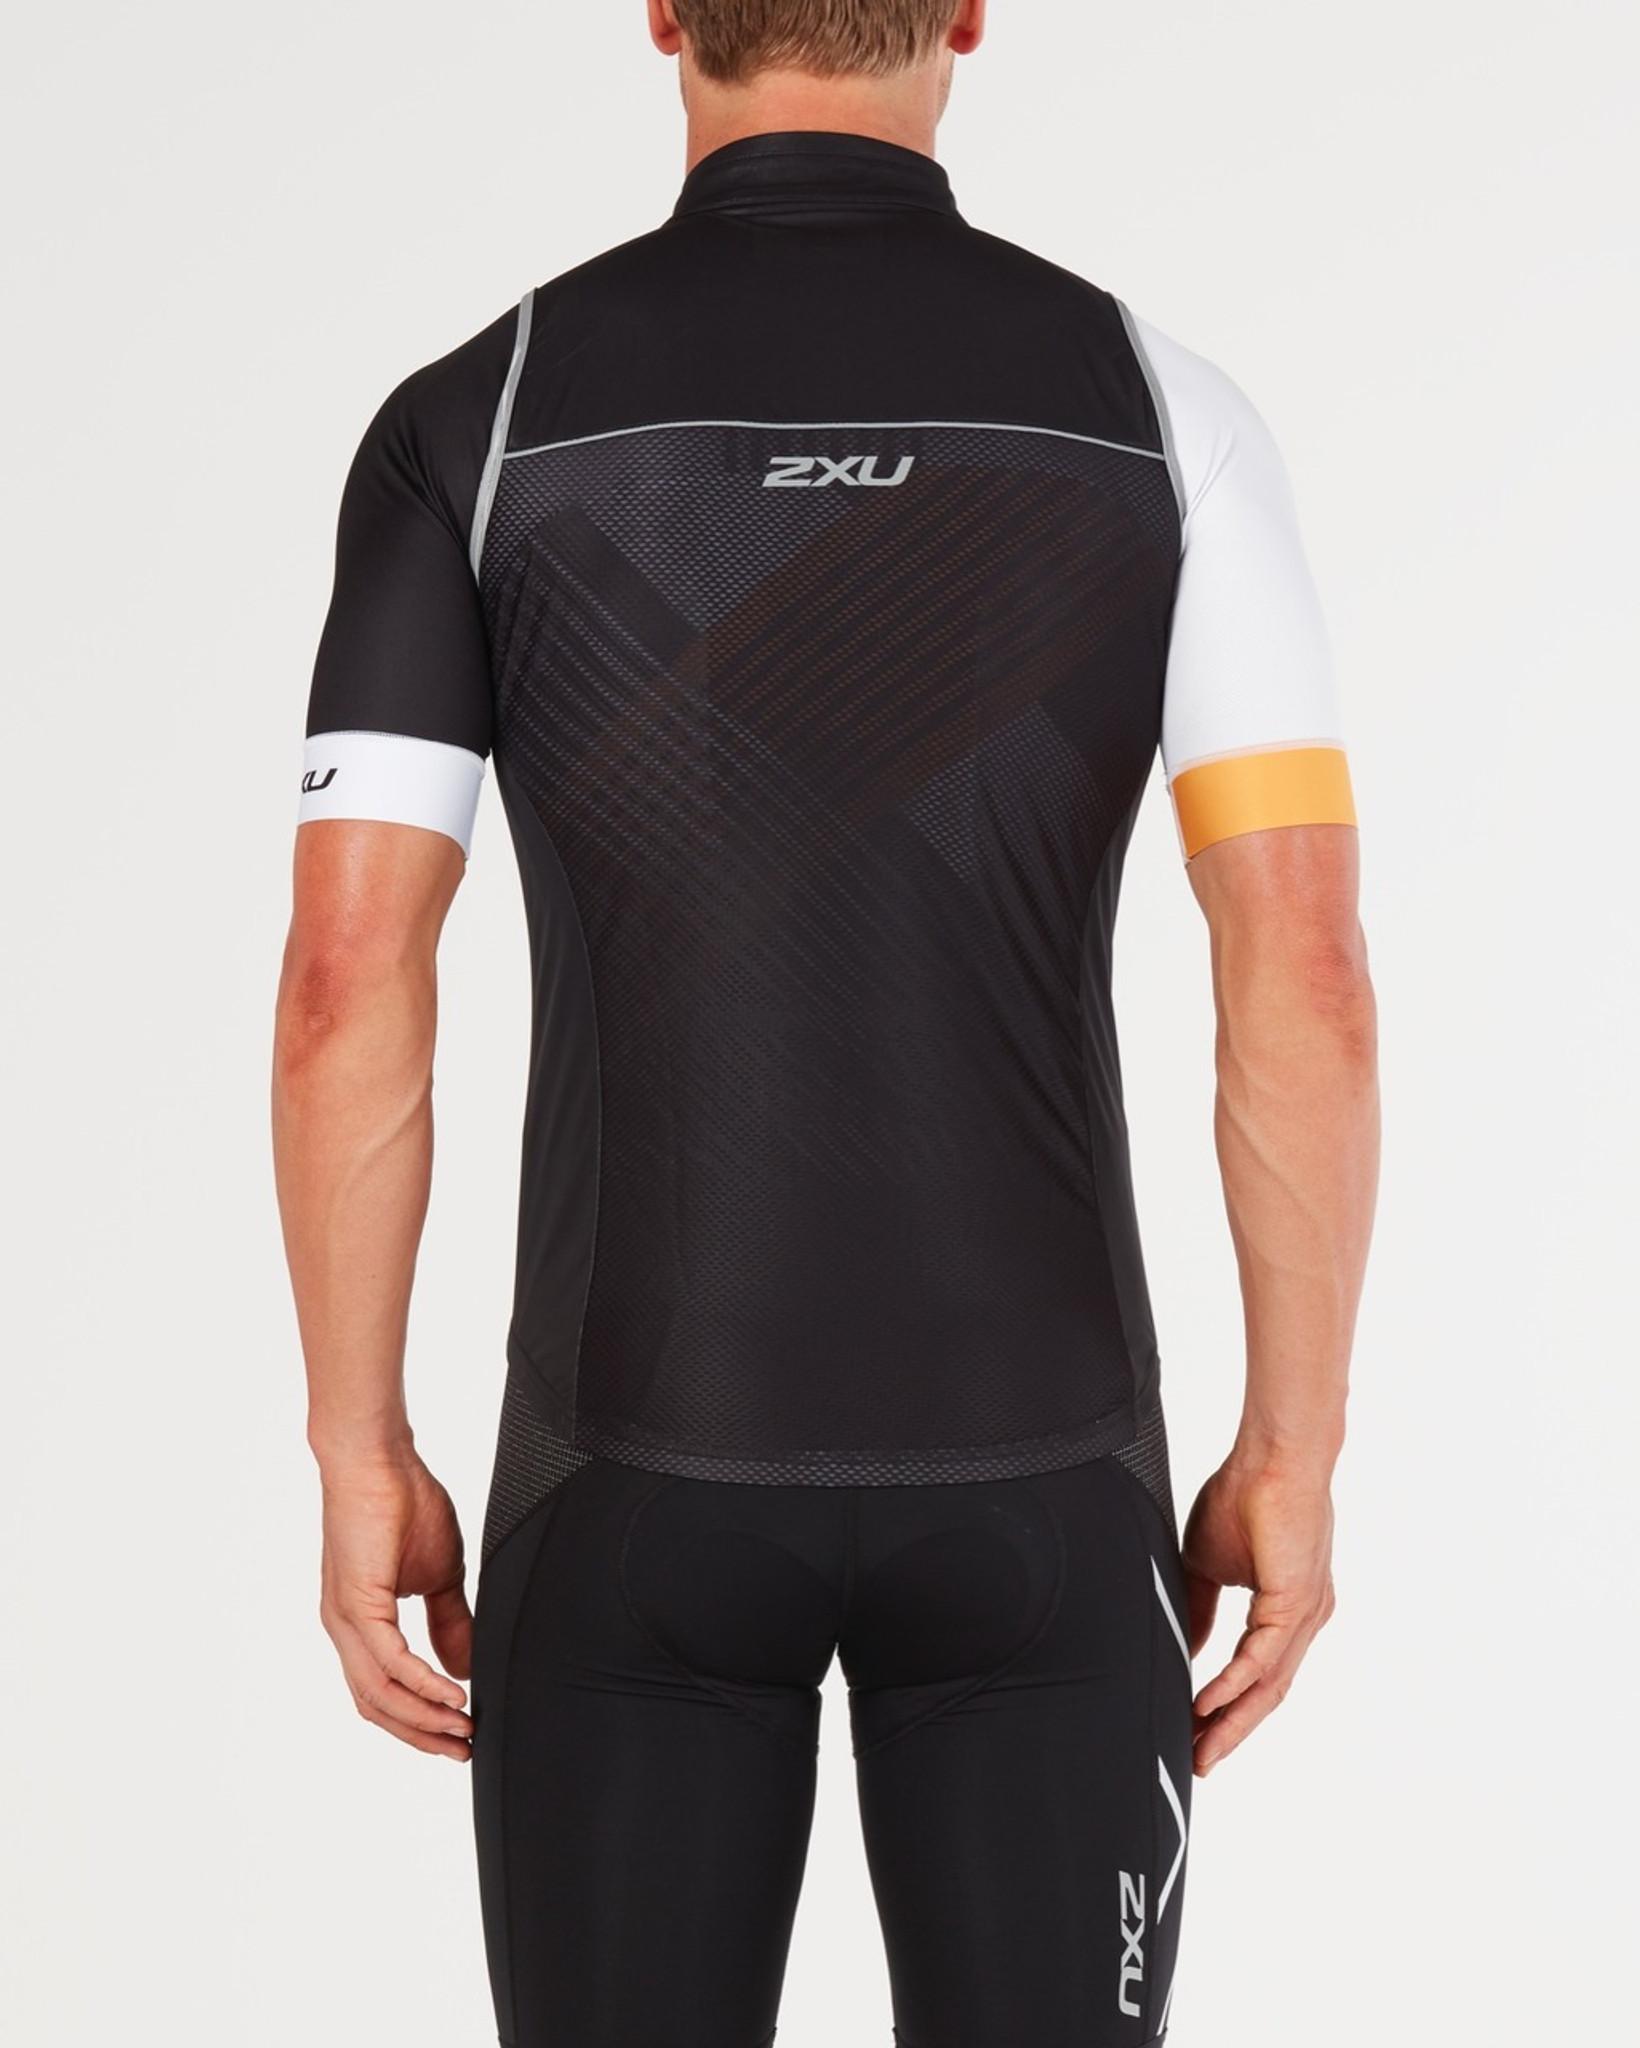 2XU - Cycle Gilet 2018  4ab5080eb